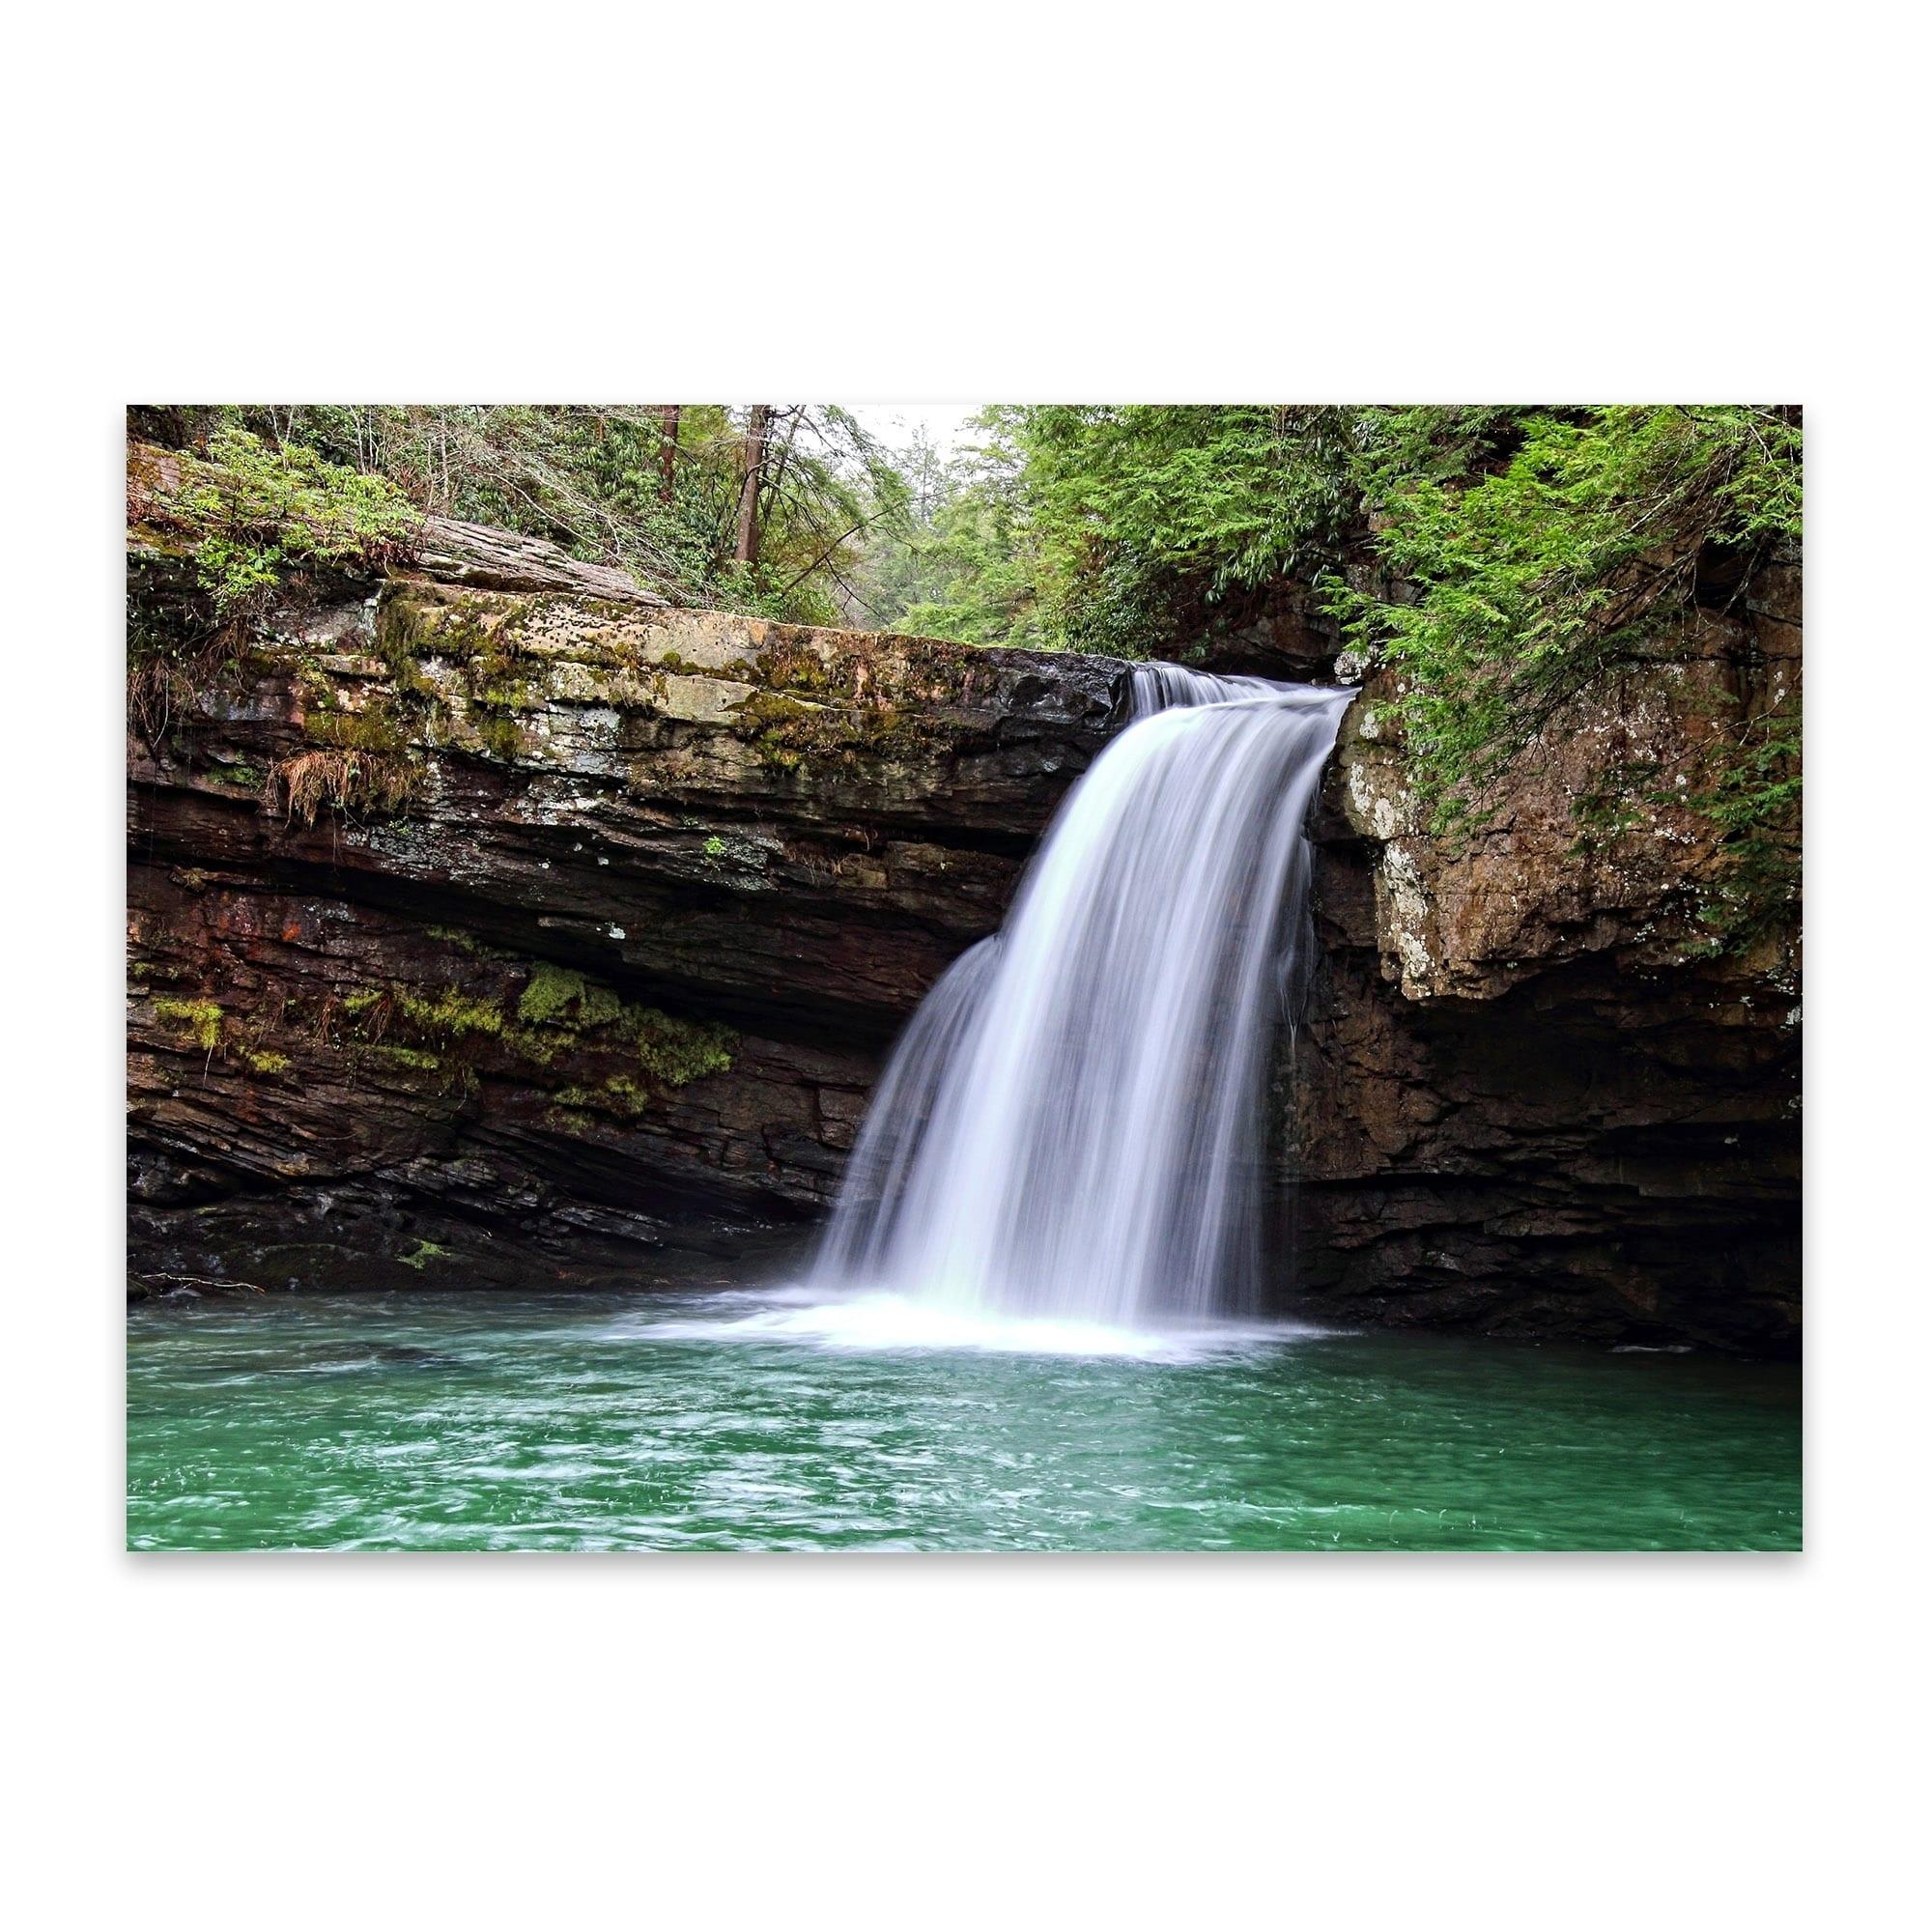 Noir Gallery Savage Falls Tennessee Waterfall Metal Wall Art Print